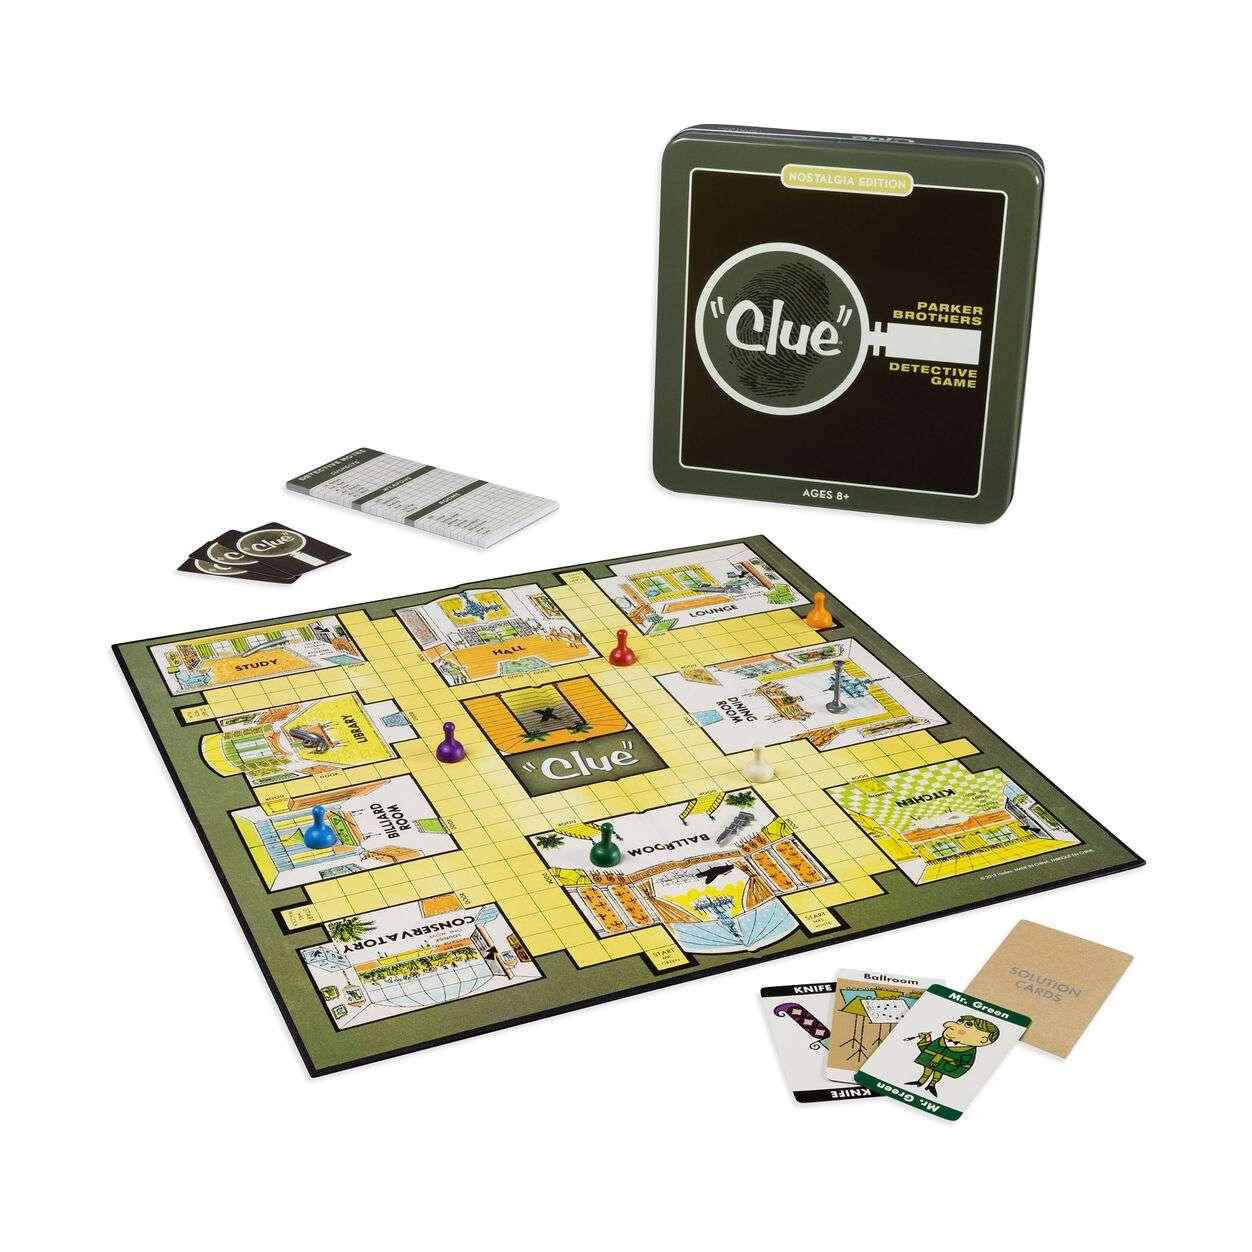 Clue Game Tin - Nostalgia Edition